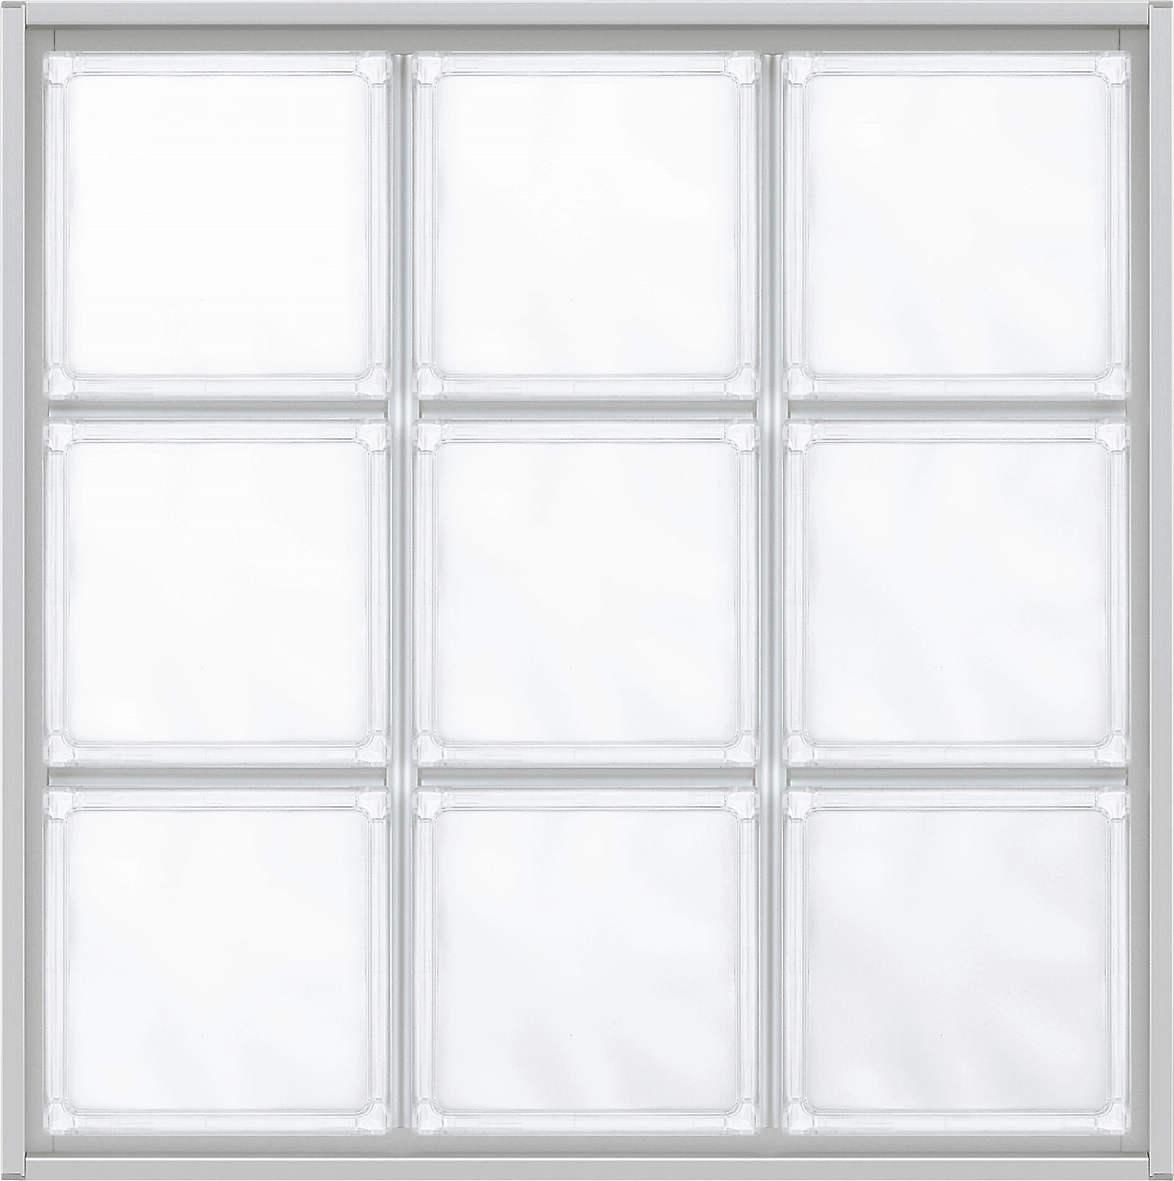 YKKAPアルミインテリアスクリーンパーティション[採光ユニット]アクリルブロックFIX呼称幅161(幅1616mm)ブロック横10列:[幅1616mm×高1628mm]